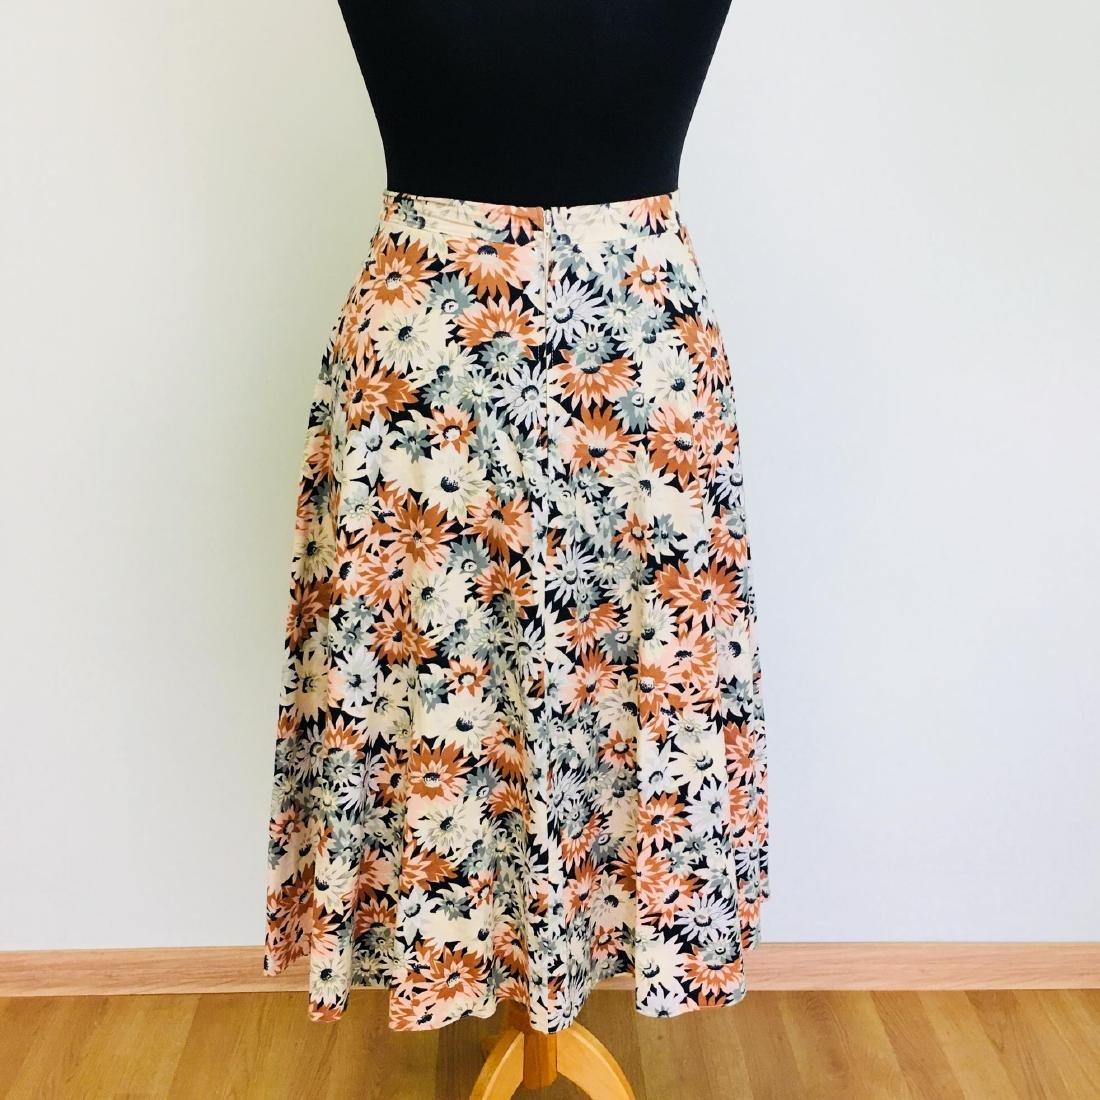 Vintage Women's Summer Skirt - 5